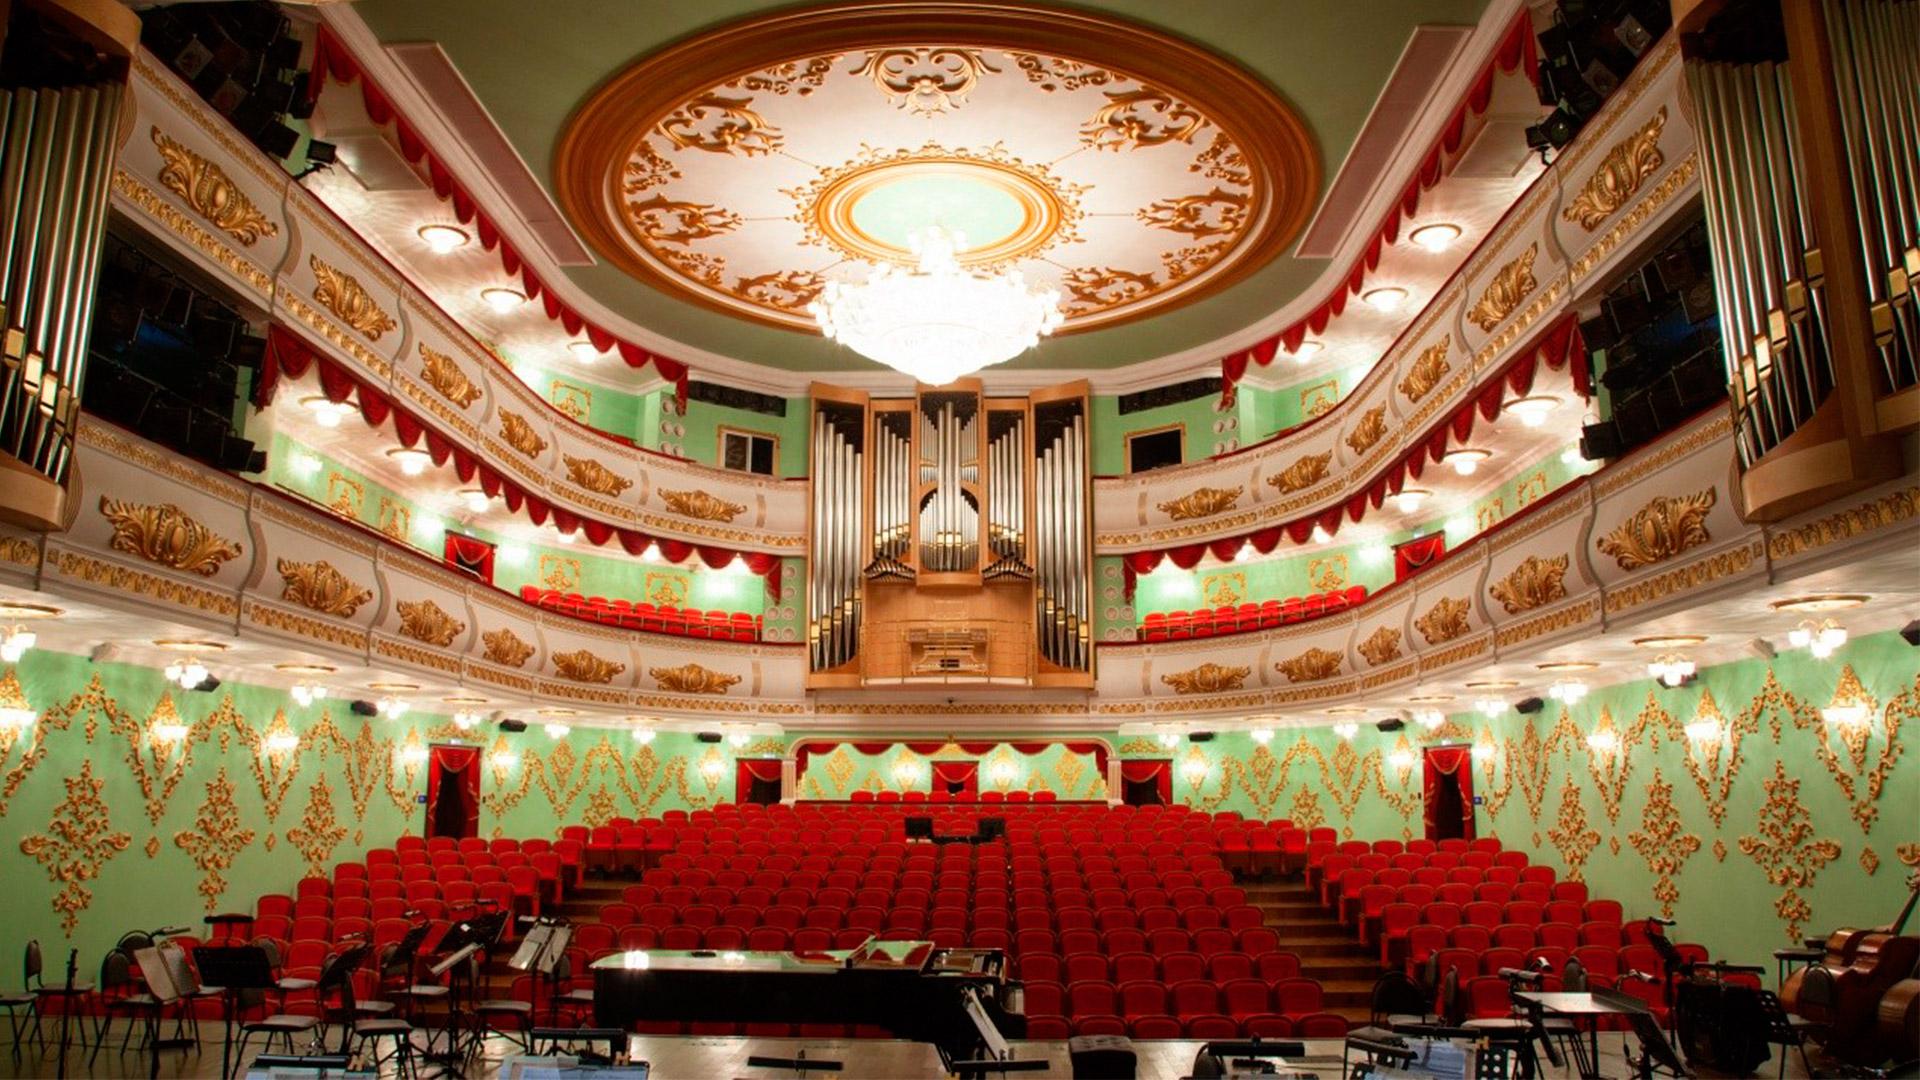 В Йошкар-Оле стартовал фестиваль оперного искусства имени Андрея Эшпая